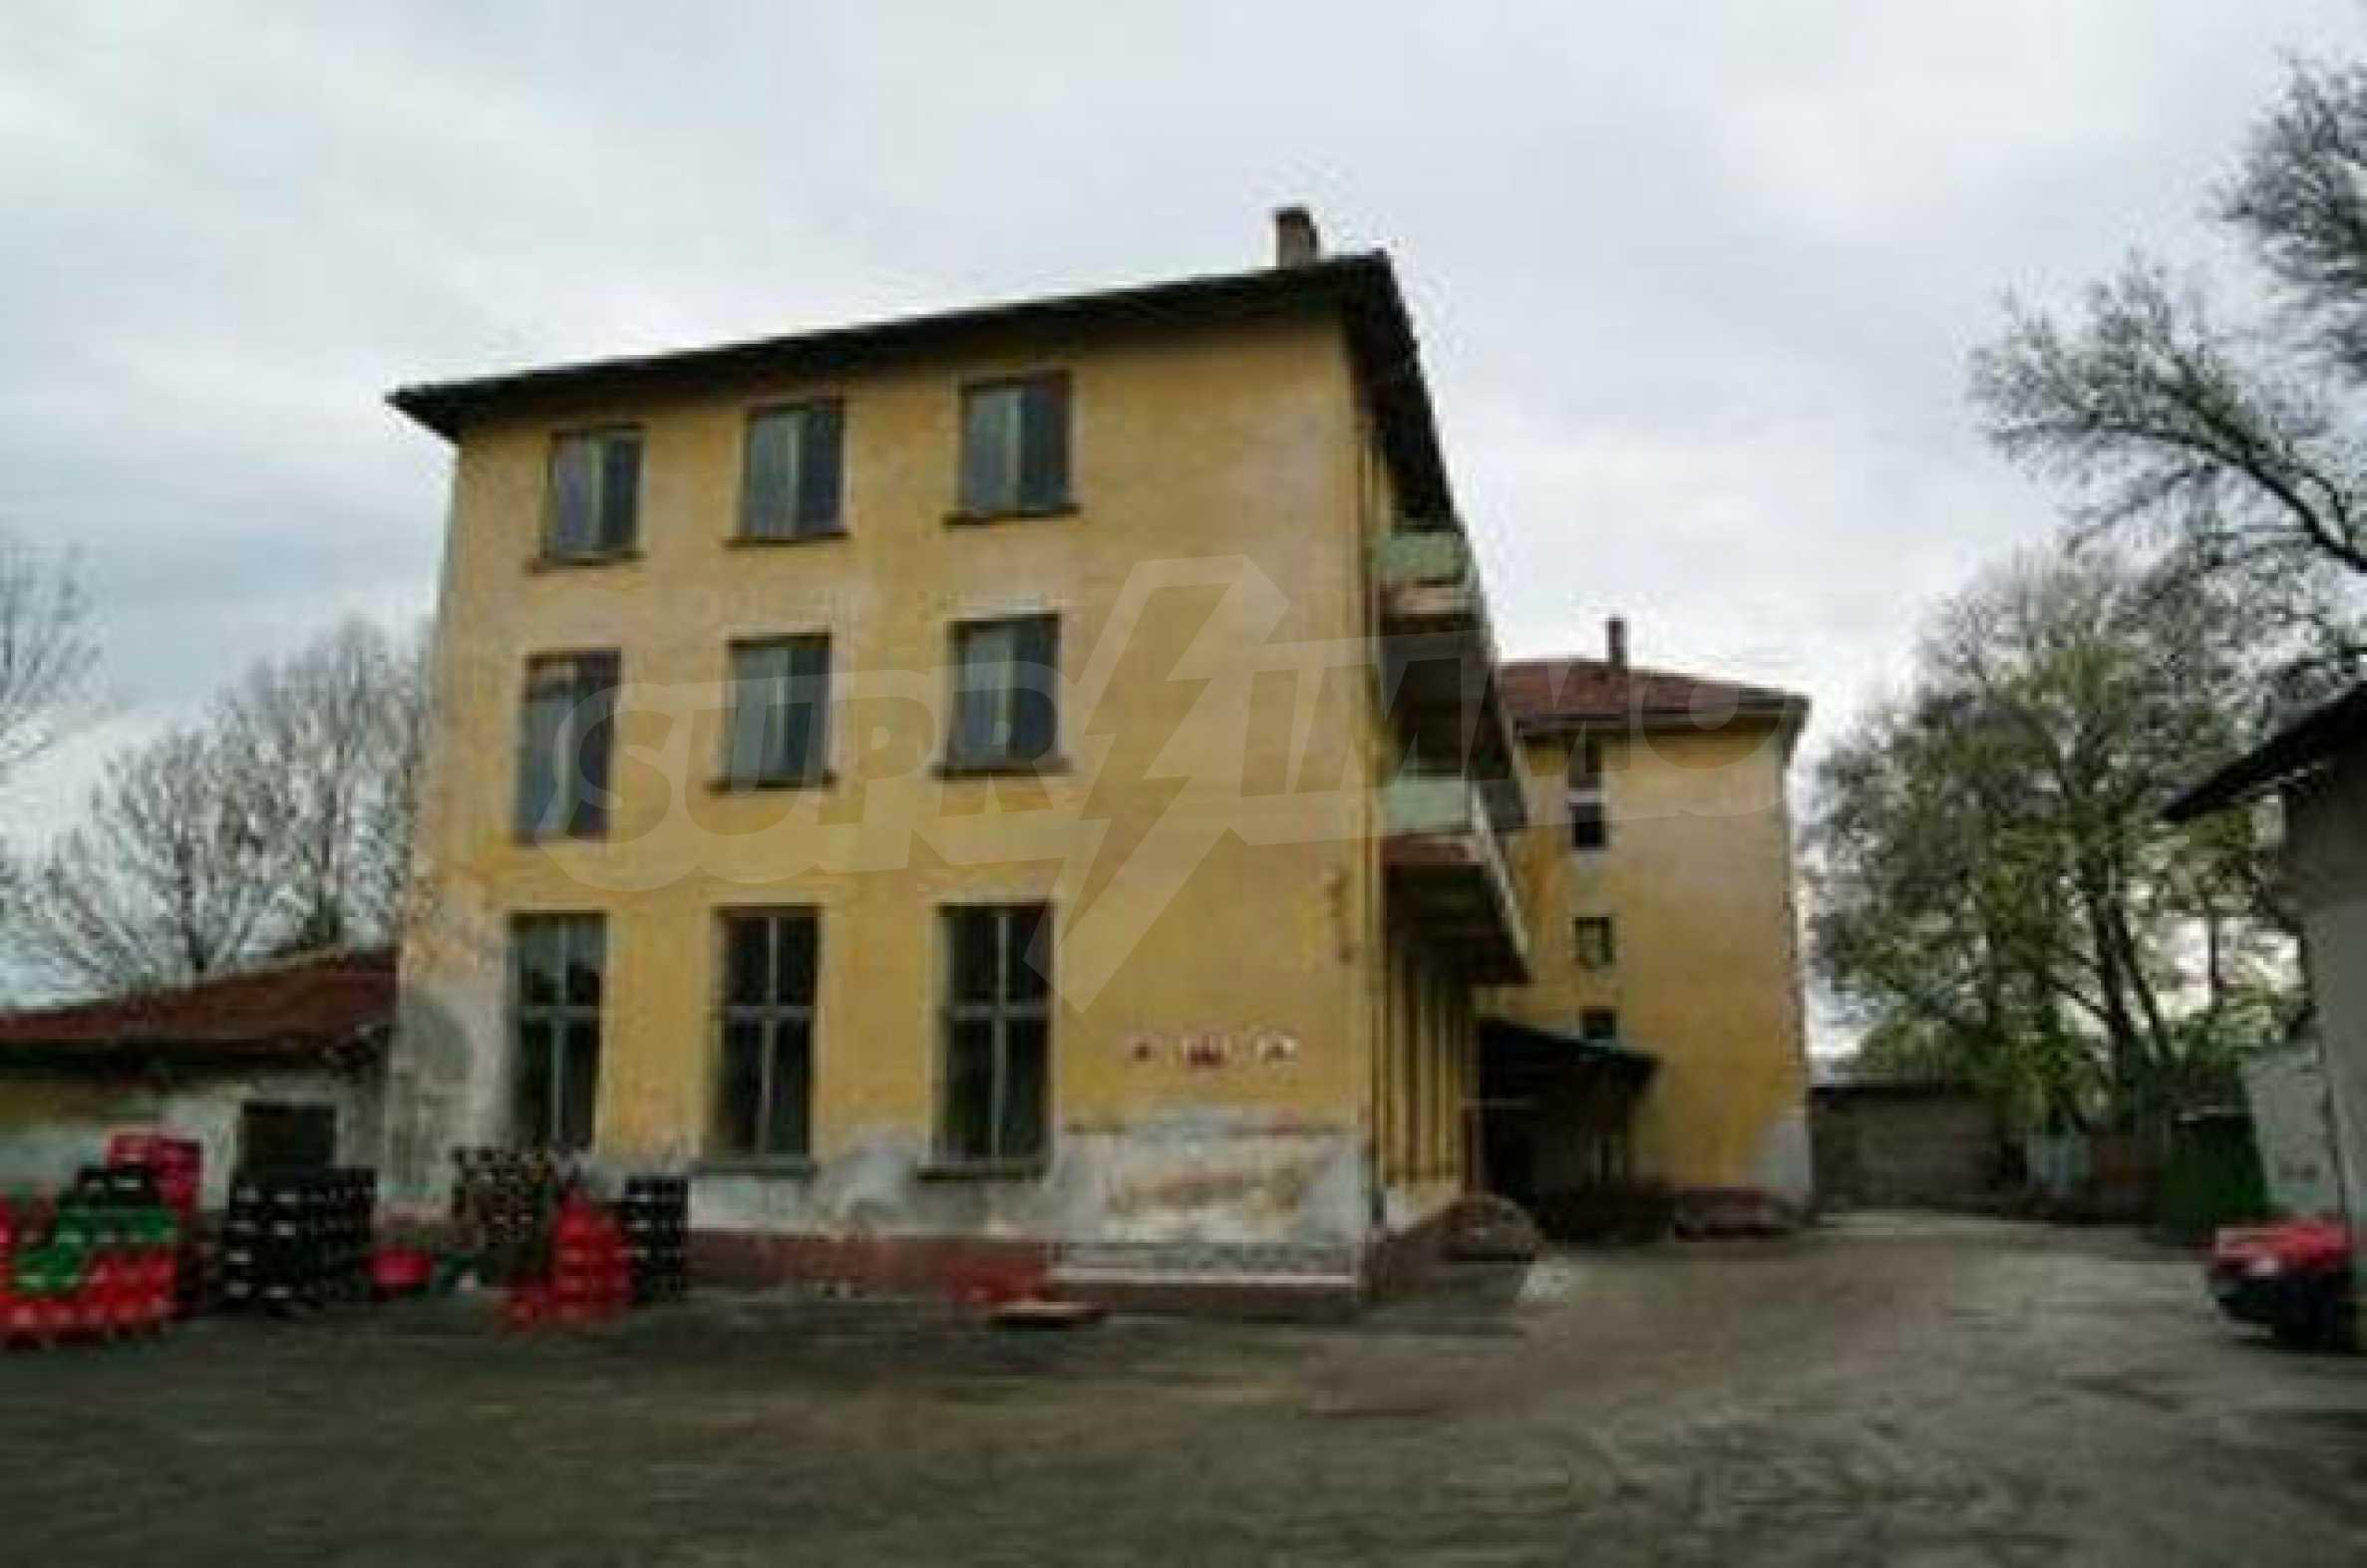 Massives dreistöckiges Lagerhaus in einer Stadt 40 km von Veliko Tarnovo entfernt 2